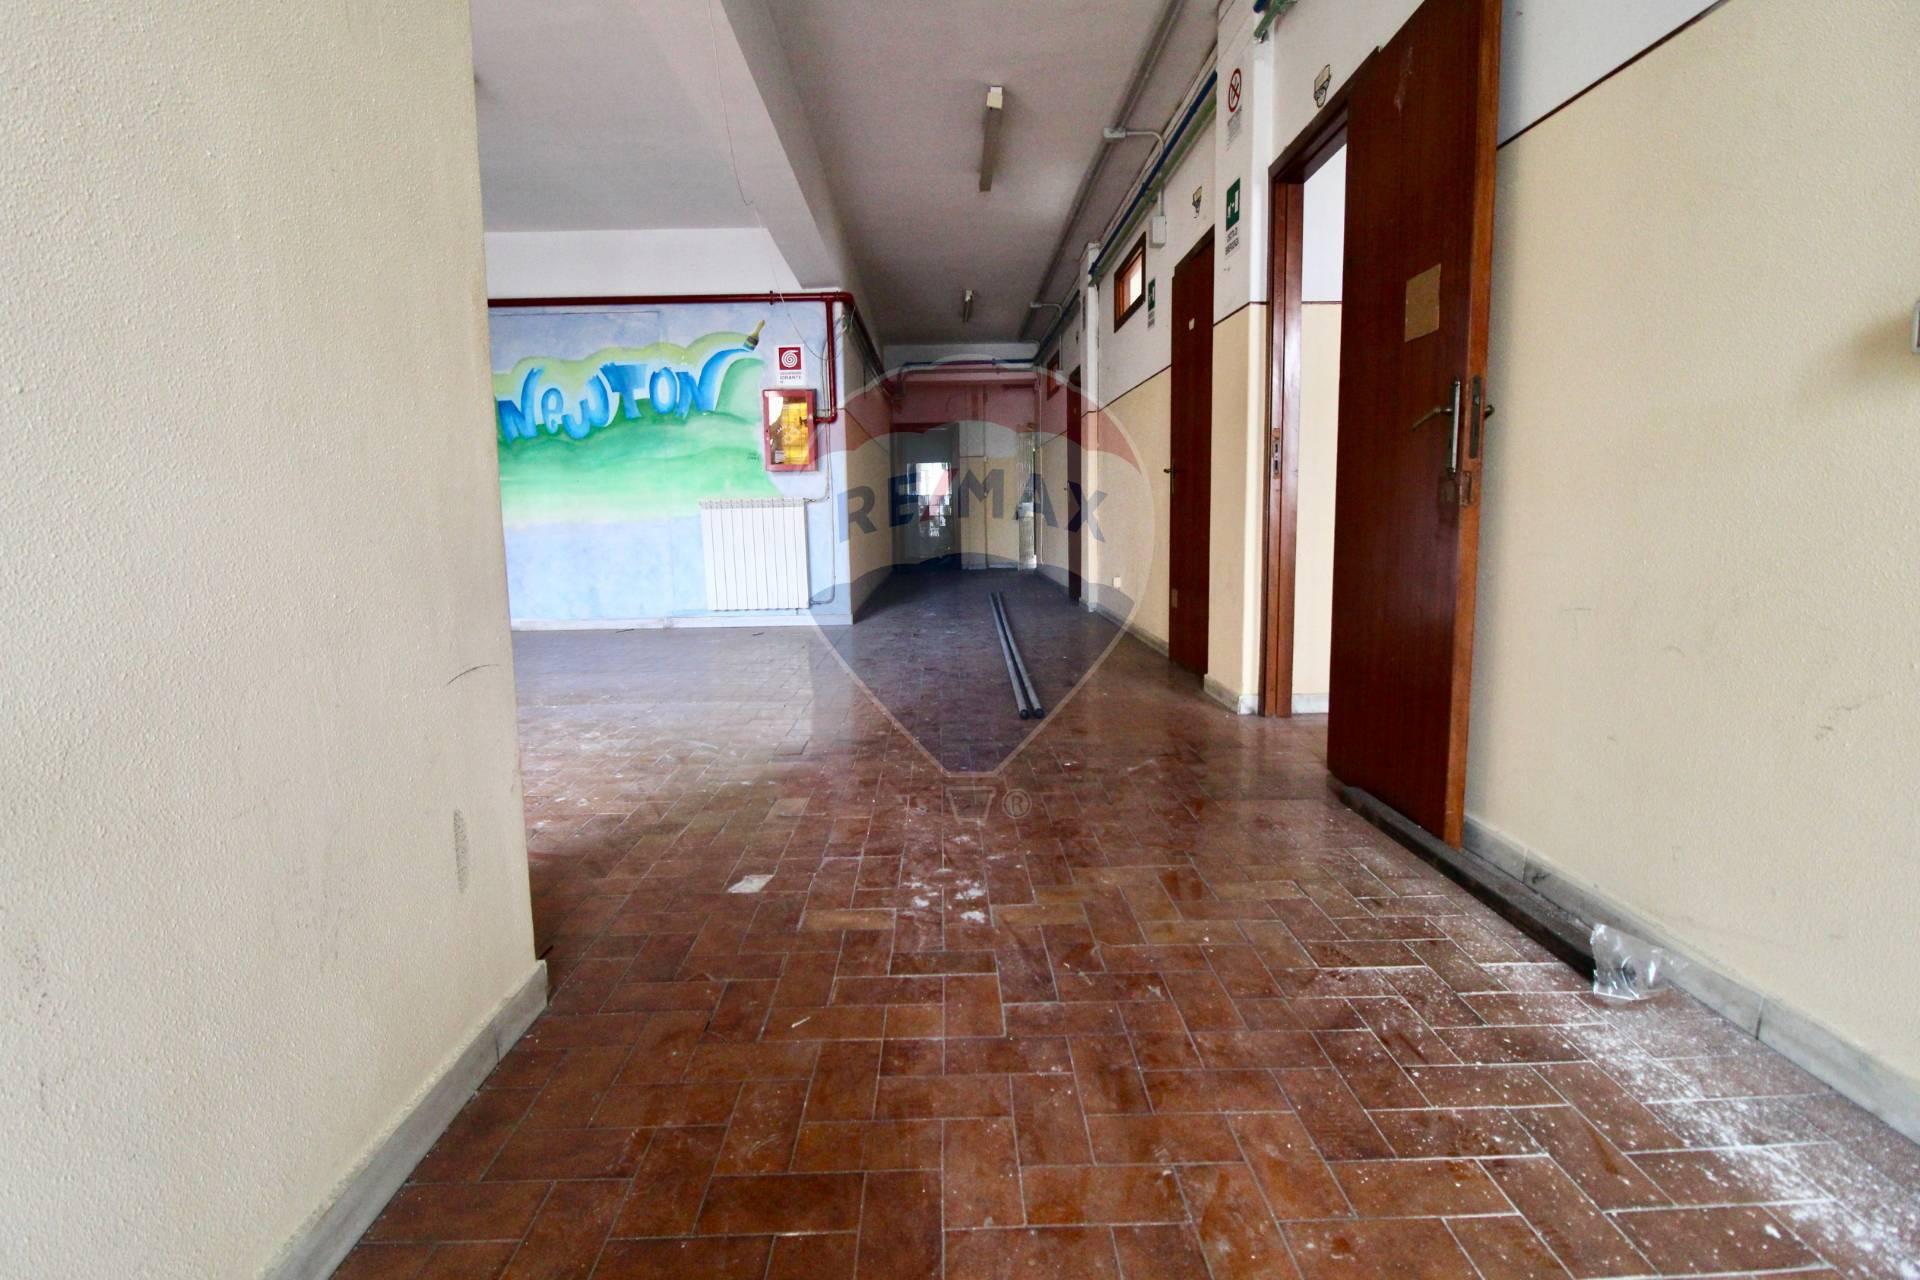 Negozio / Locale in affitto a San Giovanni la Punta, 9999 locali, prezzo € 900 | CambioCasa.it